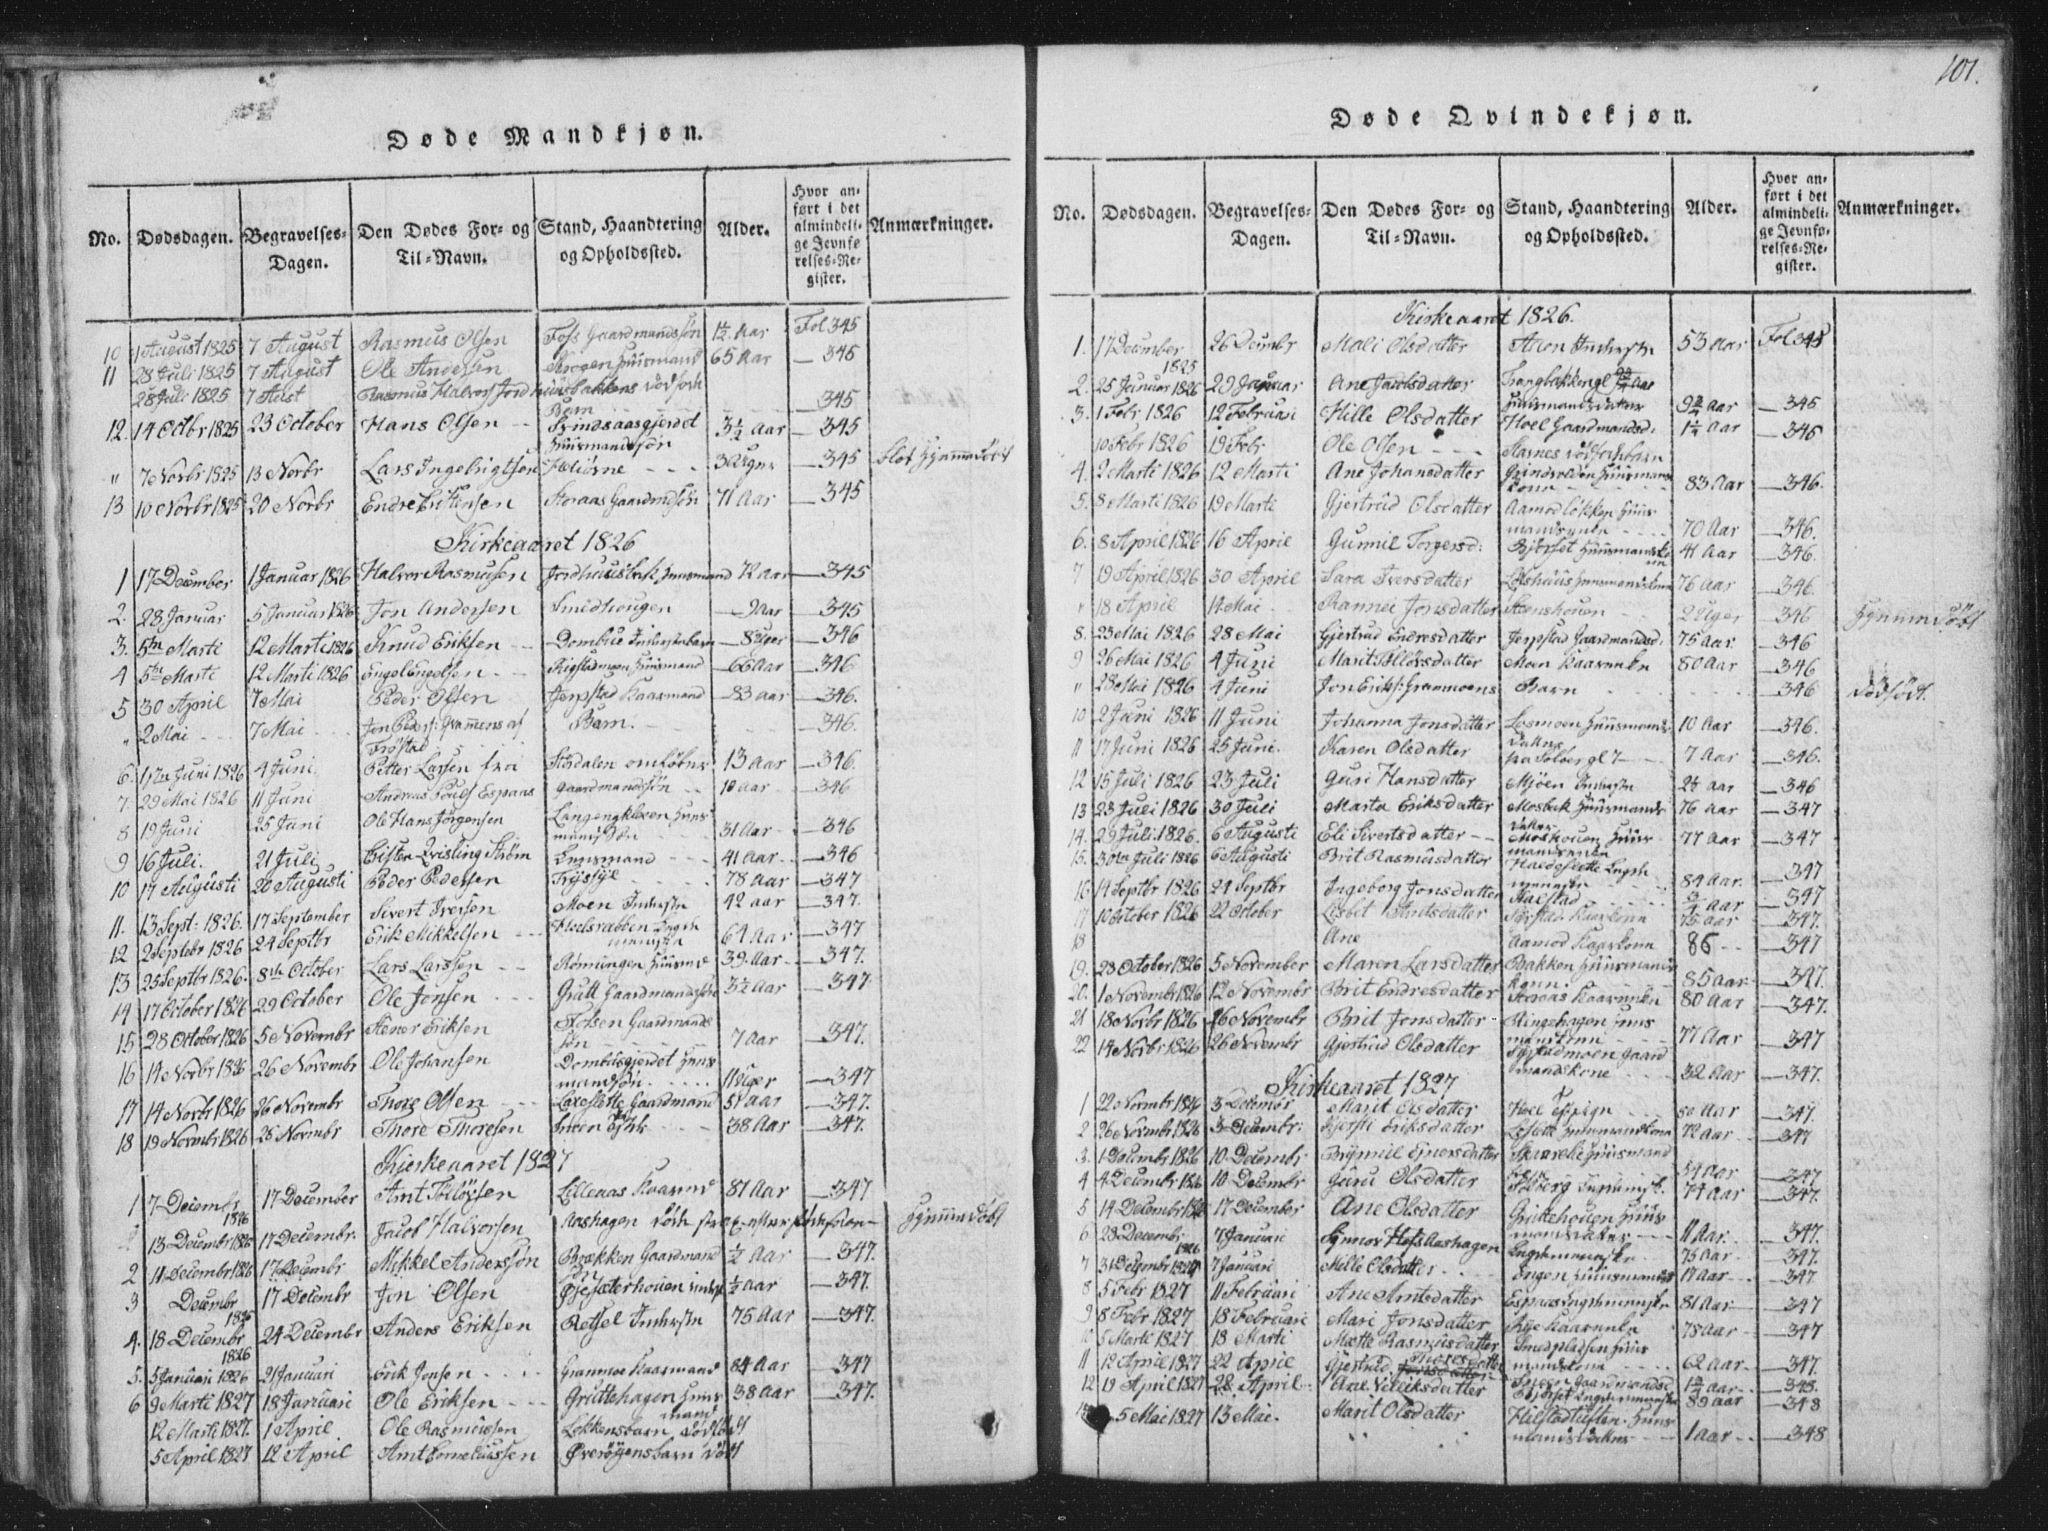 SAT, Ministerialprotokoller, klokkerbøker og fødselsregistre - Sør-Trøndelag, 672/L0862: Klokkerbok nr. 672C01, 1816-1831, s. 101